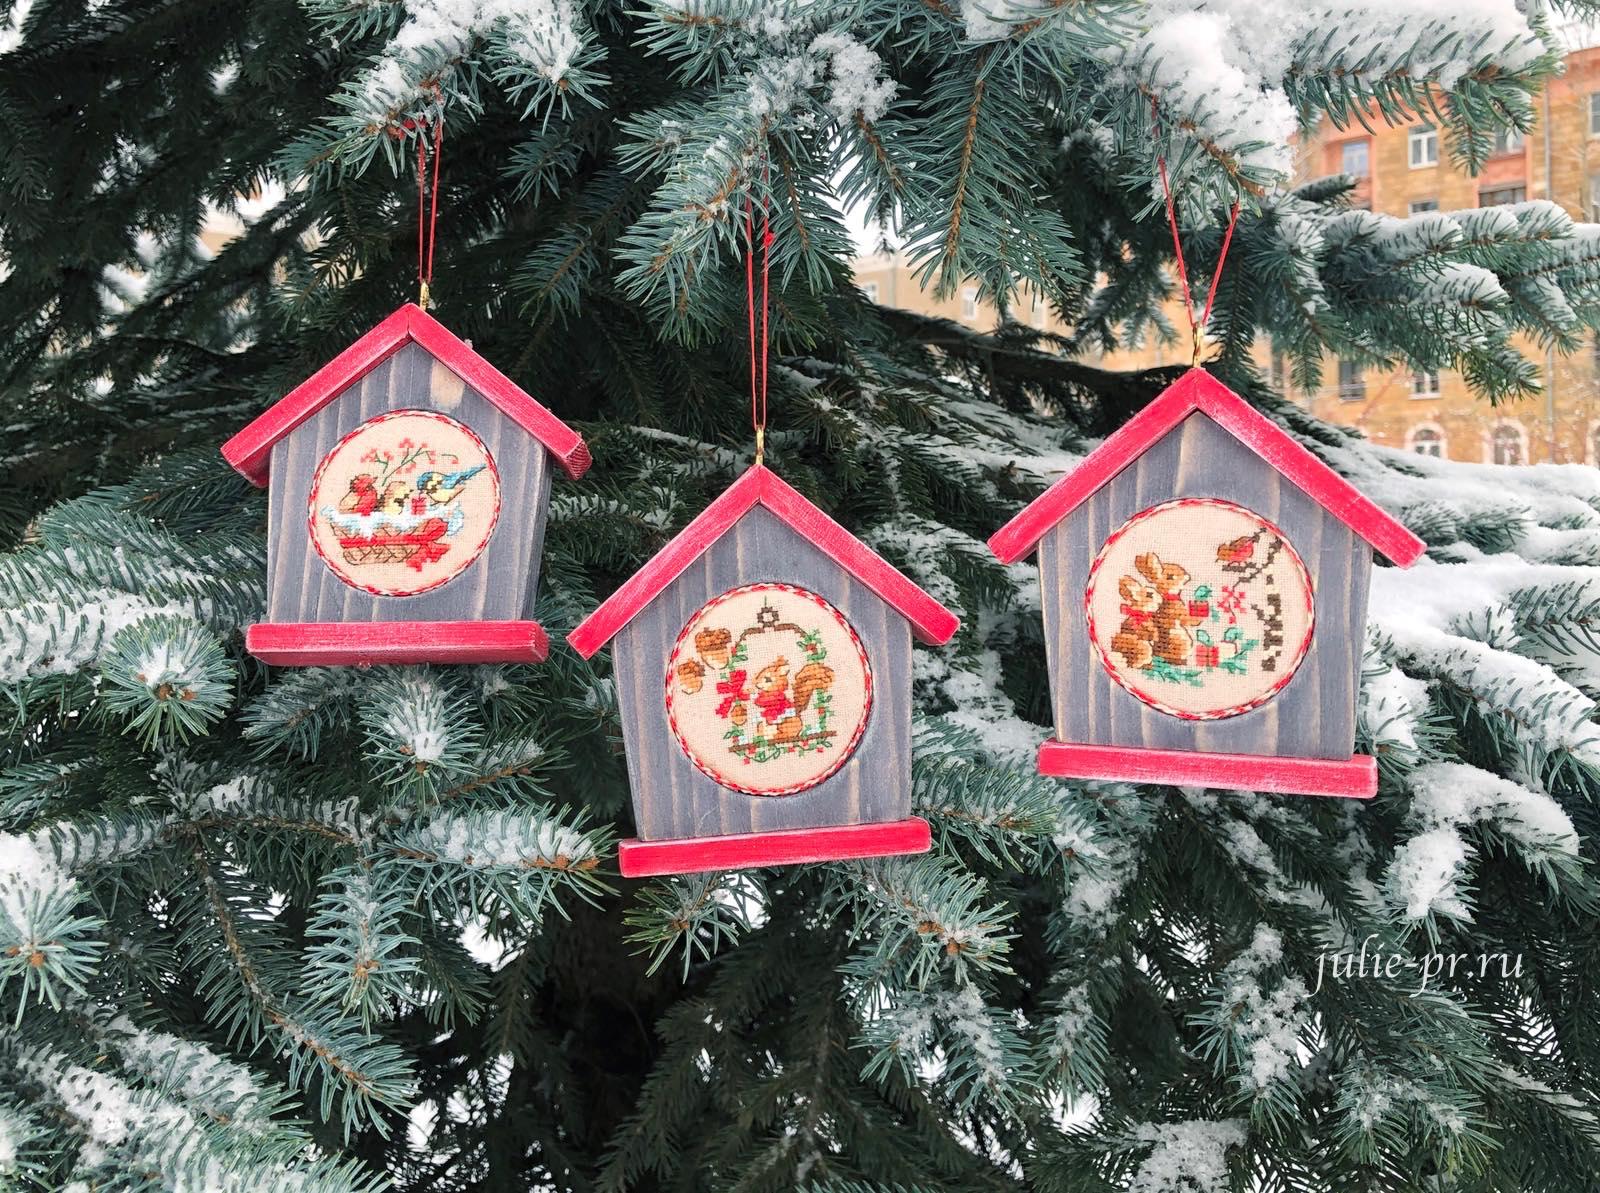 вышивка крестом, вышитые елочные игрушки, парижские вышивальщицы, les brodeuses parisiennes, Veronique Enginger, схемы для вышивки, Le grand ABC de Noel, Большой рождественский алфавит, новогодняя игрушка